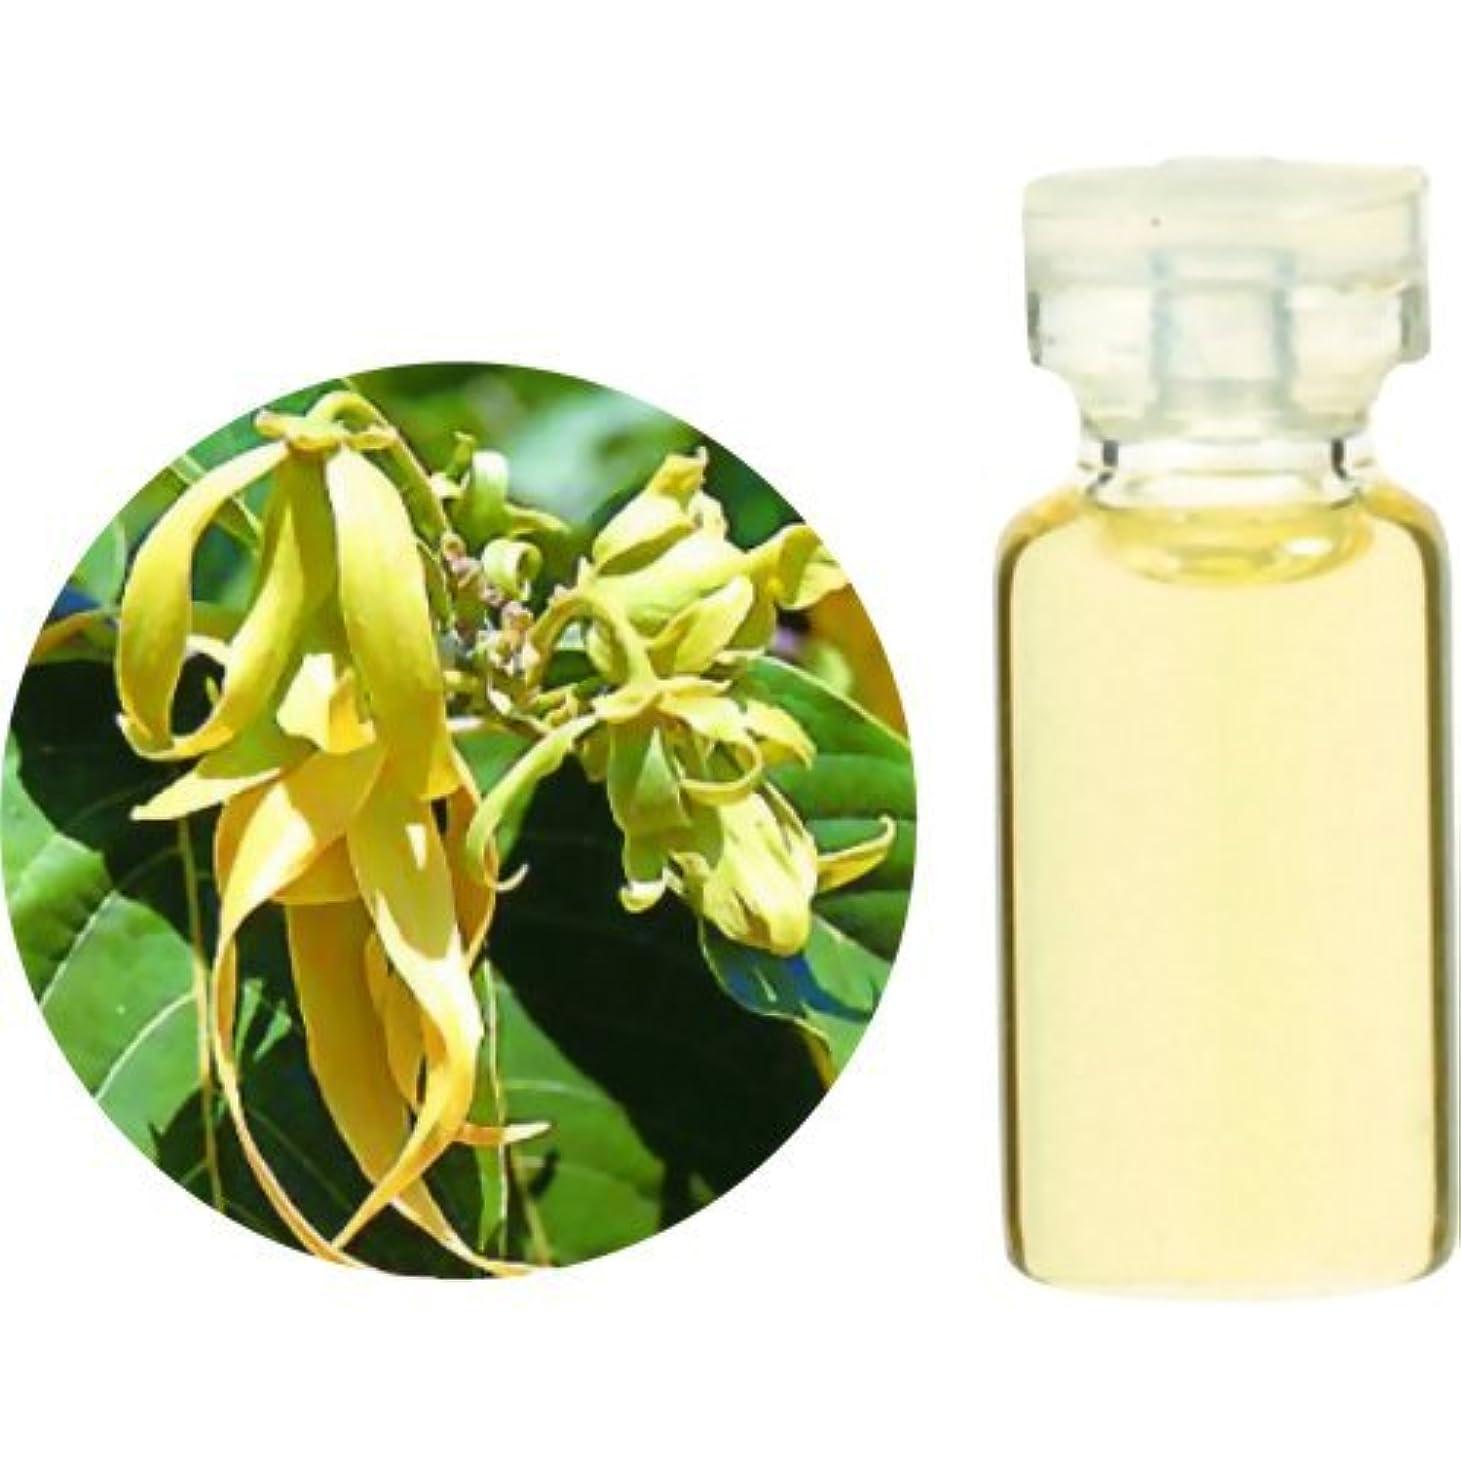 一定たらい花弁生活の木 Herbal Life イランイラン 3ml